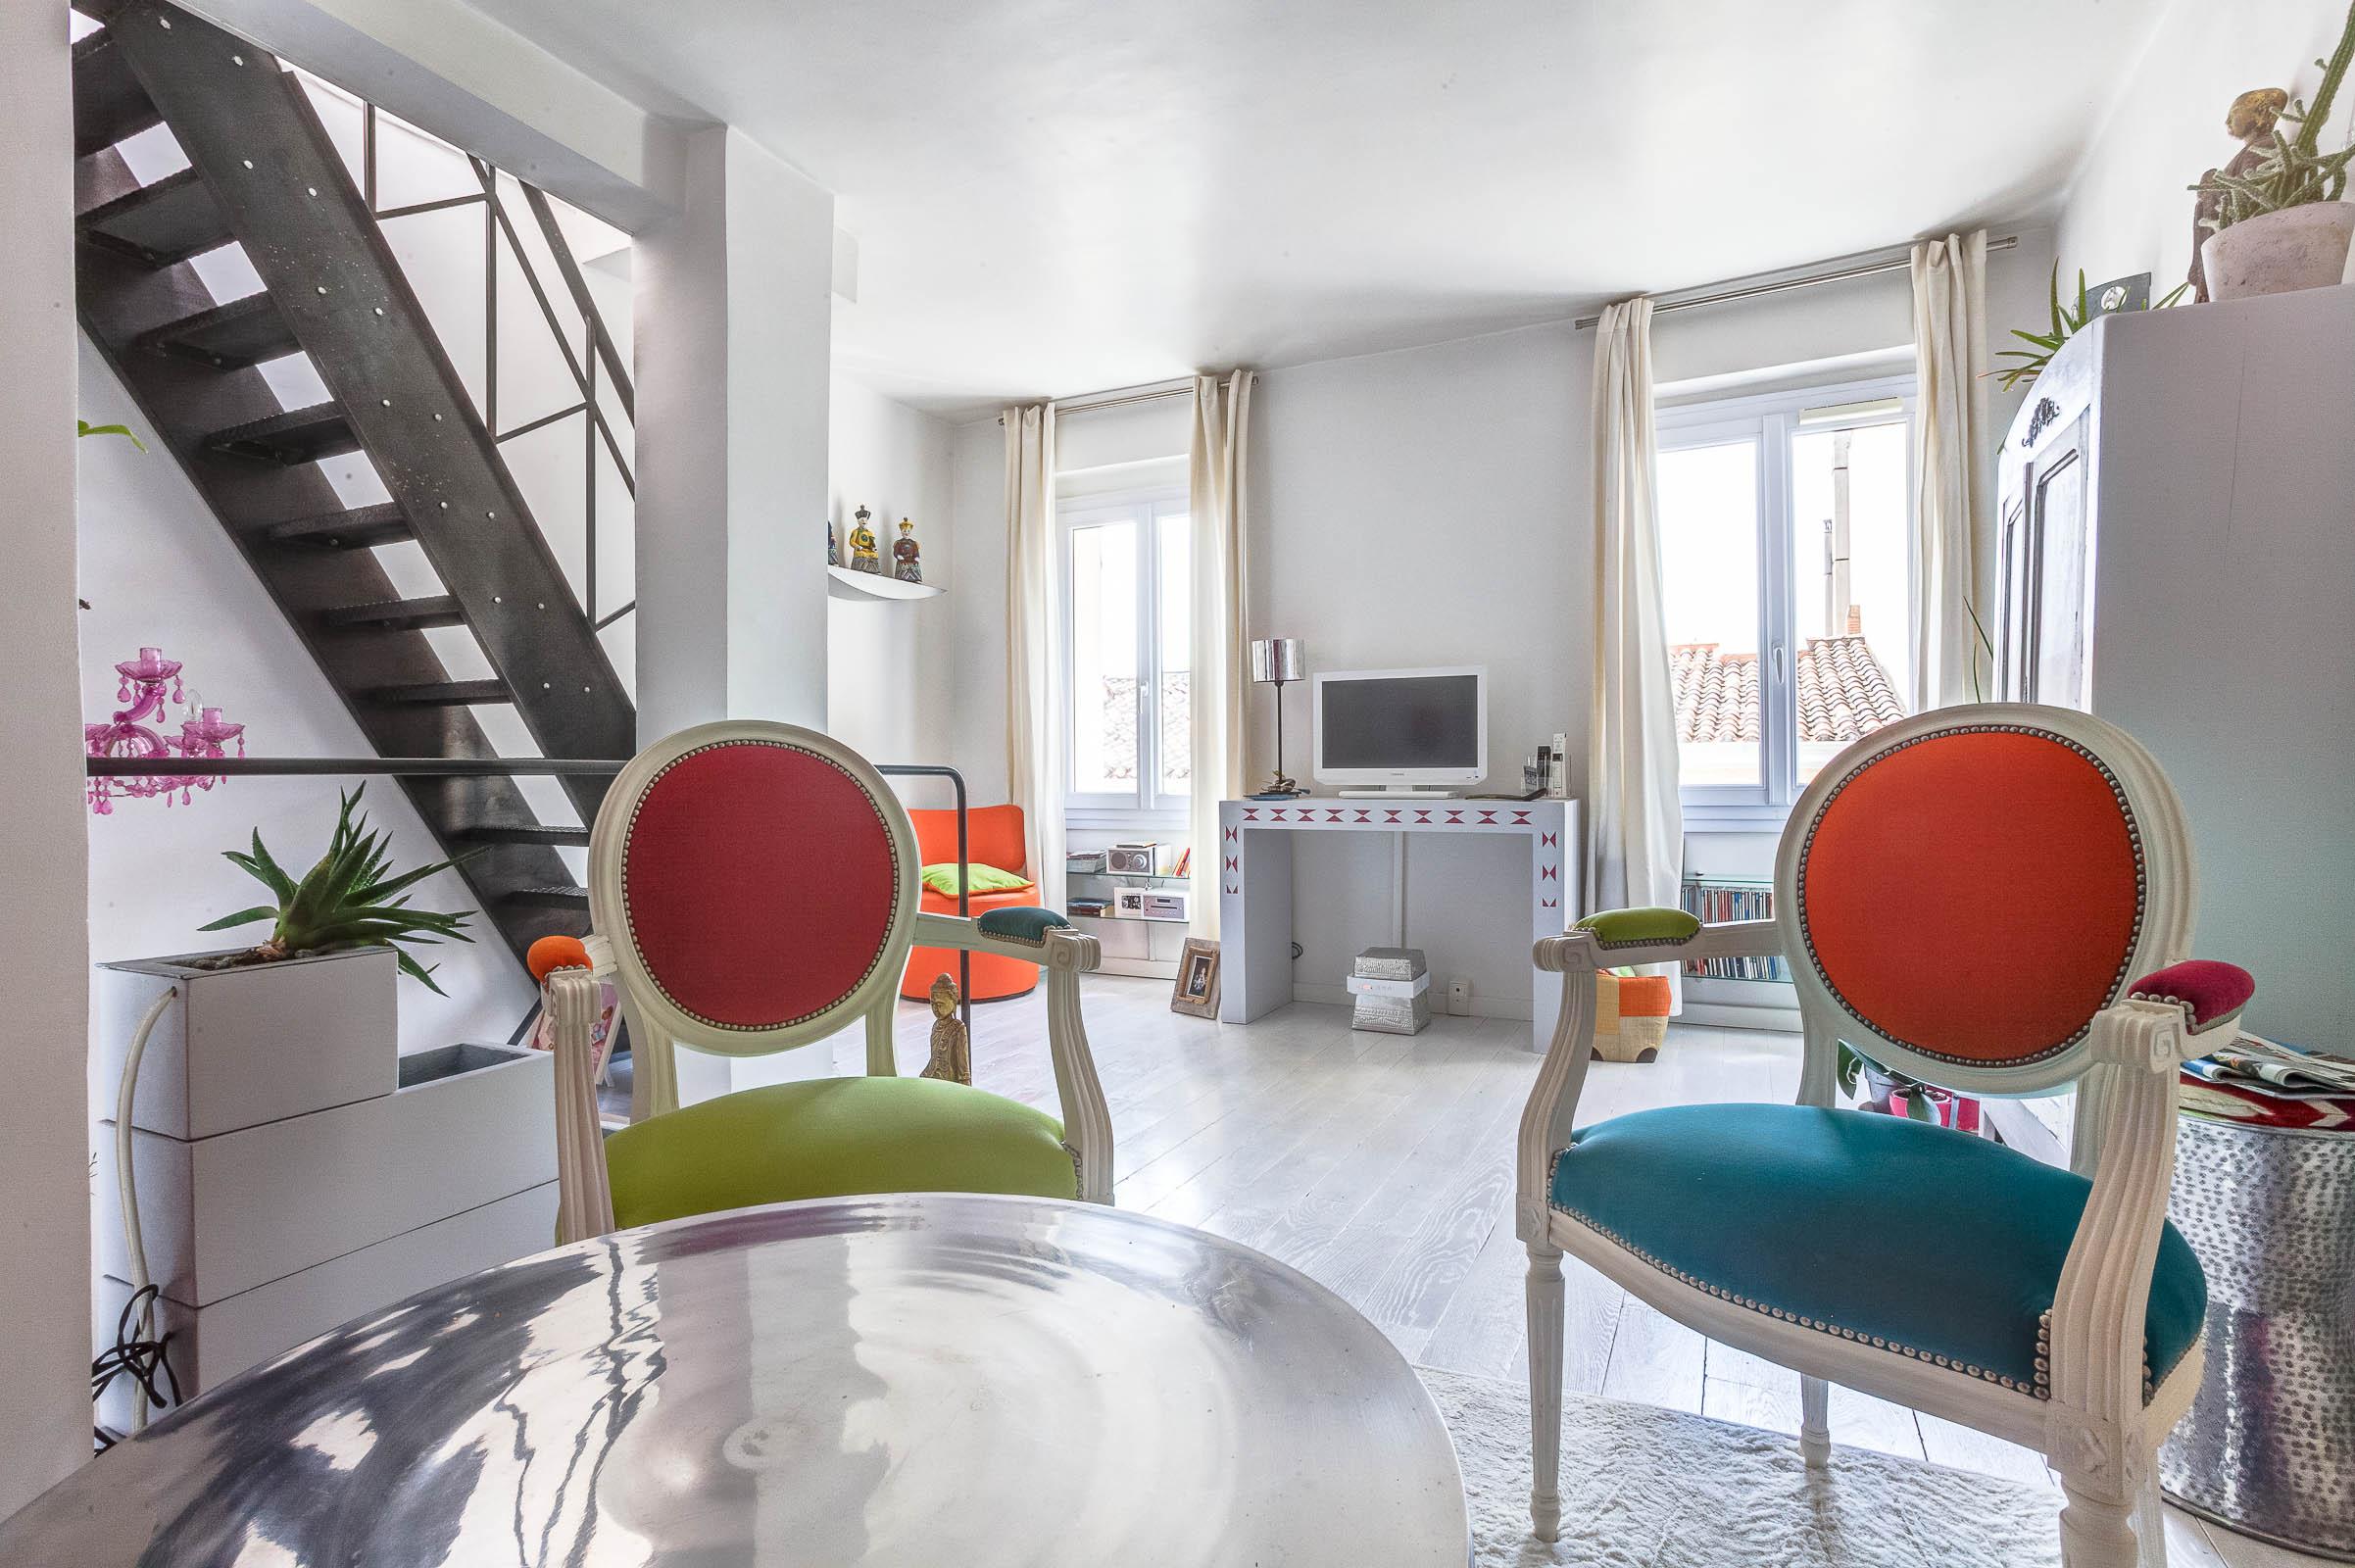 Maison en ville marseille cool maison de ville t for Location appartement marseille terrasse en ville